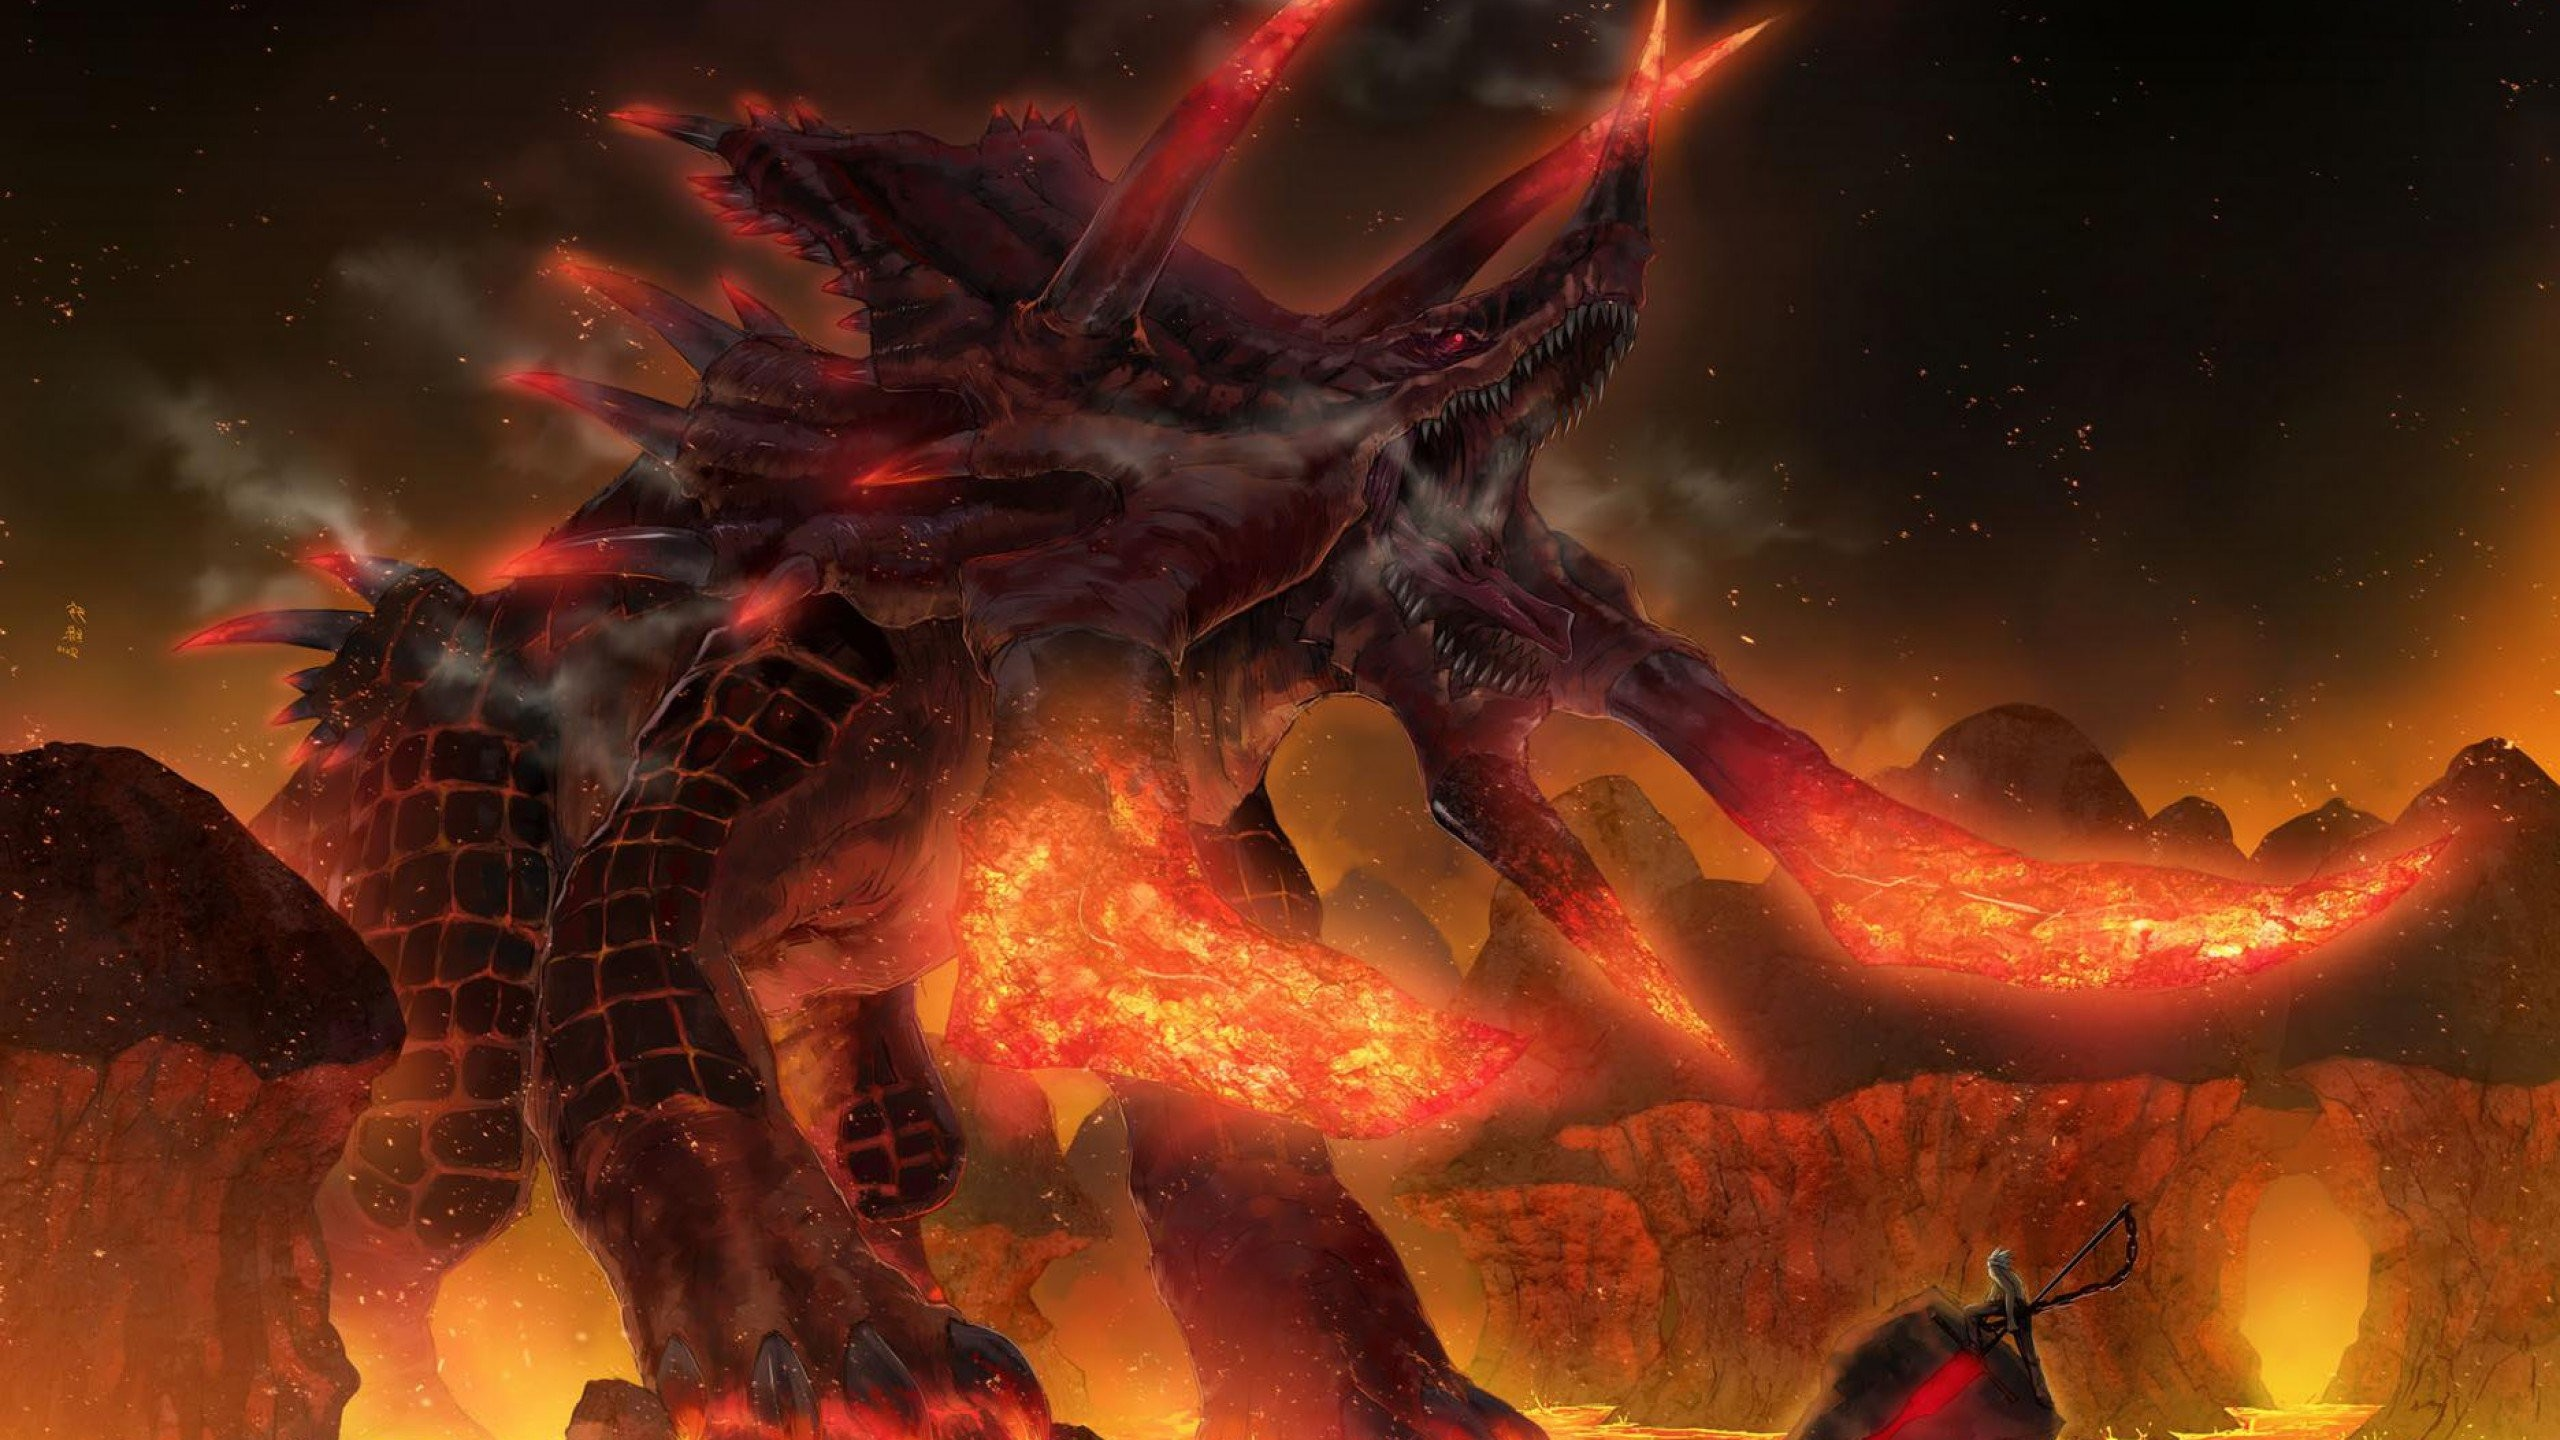 Fire Demon Wallpaper Full Hd …